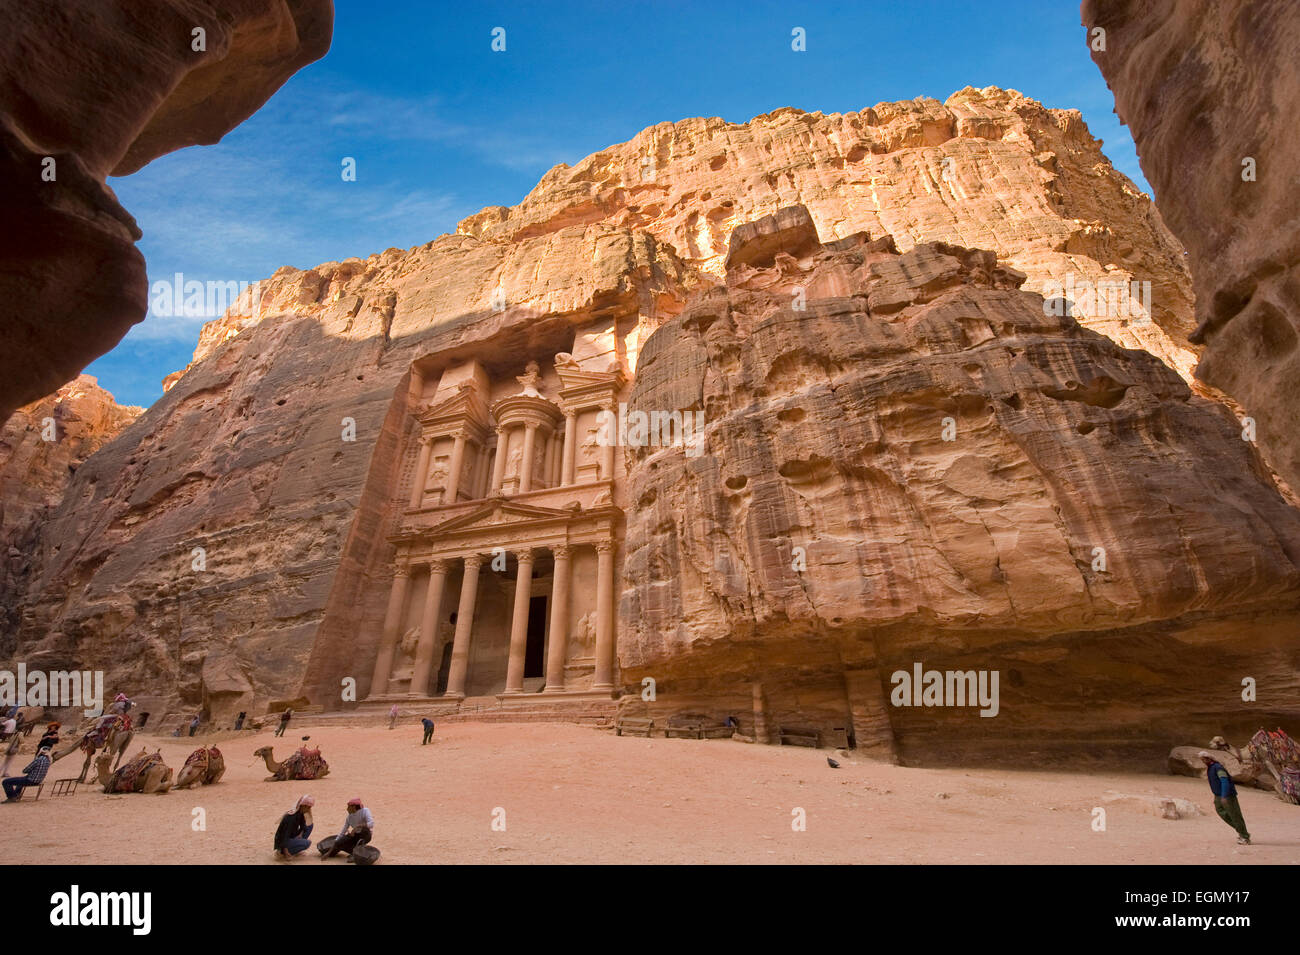 Le Conseil du Trésor est également appelé Al Khazna, c'est la plus célèbre et magnifique Photo Stock